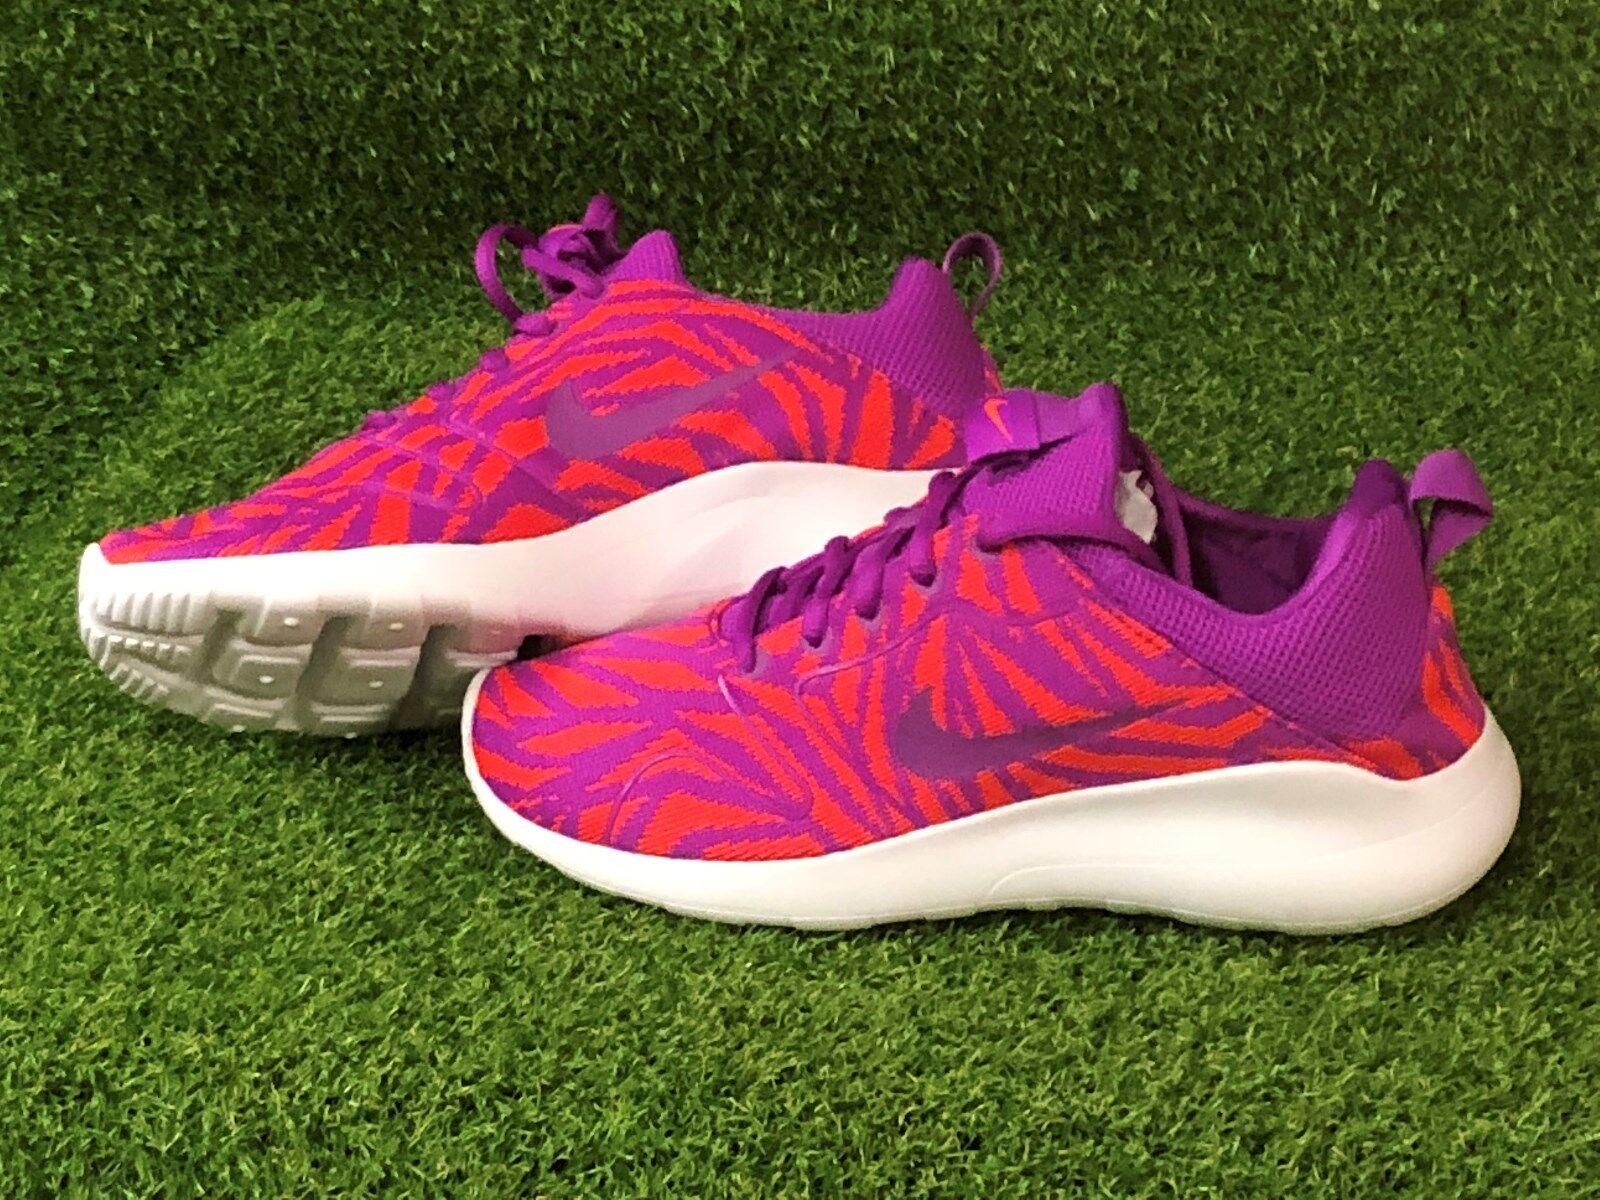 NIKE WMNS Kaishi 2.0 kjcro Print Sneaker da 39 donna [833660 558] MIS. 39 da - 40 NUOVO 36eb7d